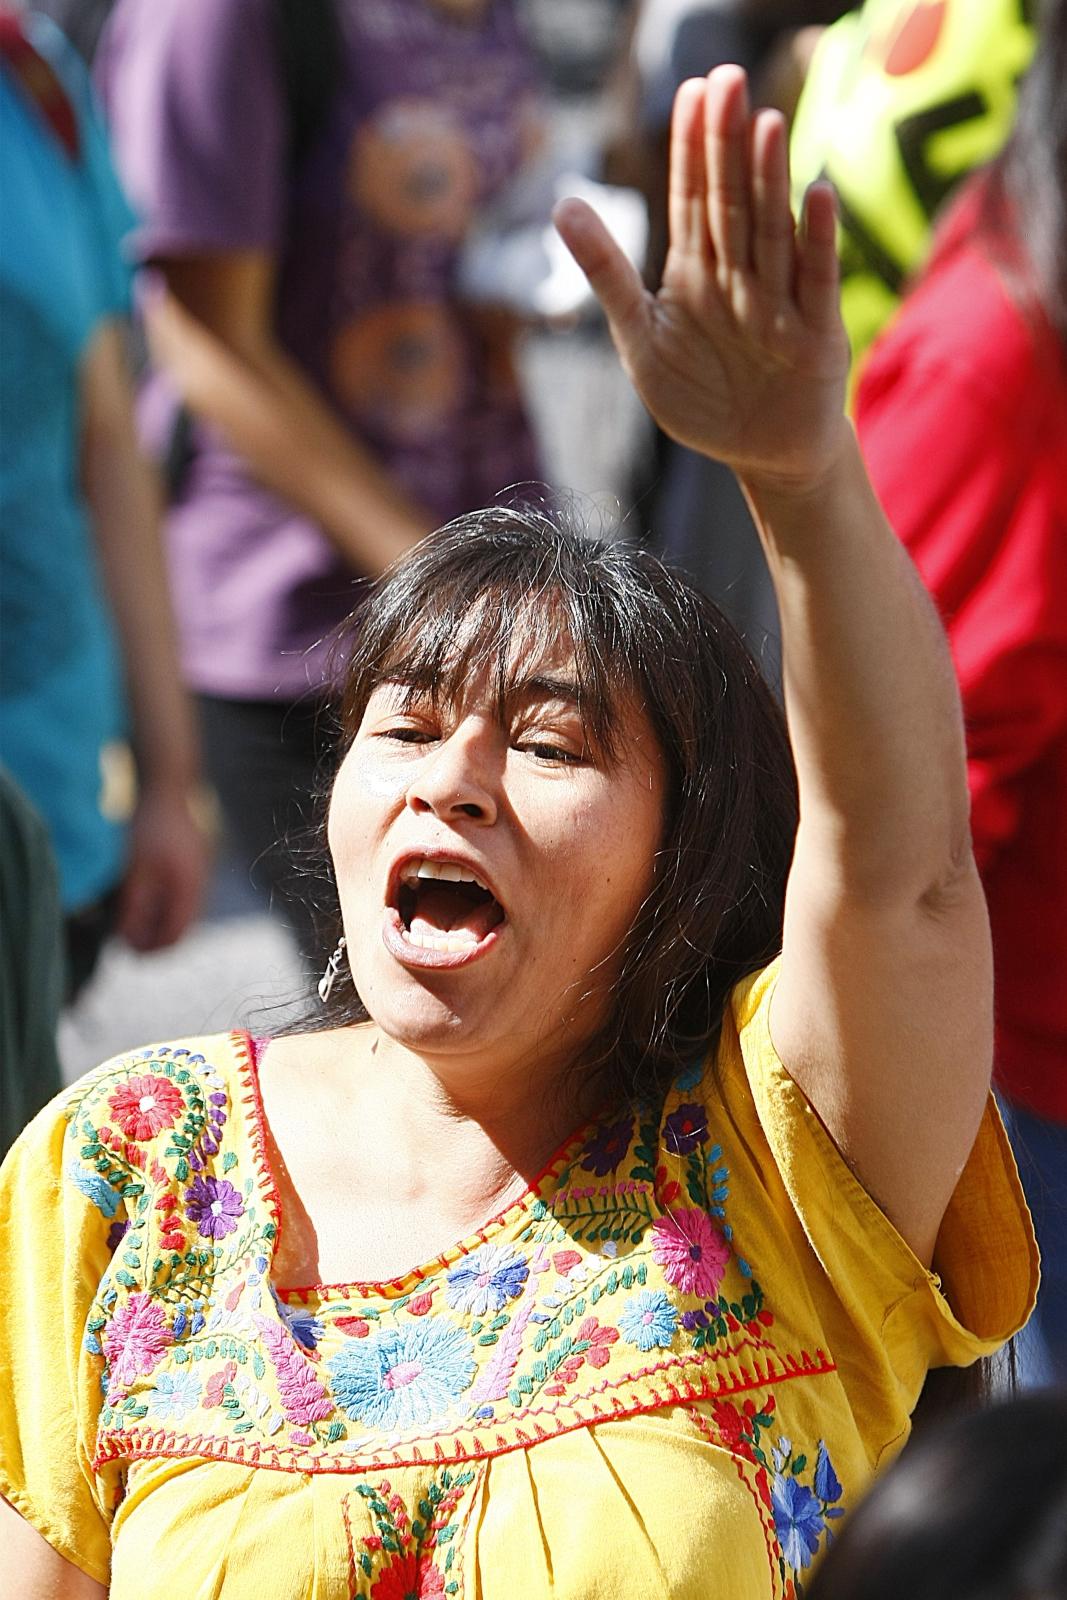 Kobieta dołącza do tysięcy osób domagających się zakończenia prywatnego finansowania emerytur w Santiago, Chile.